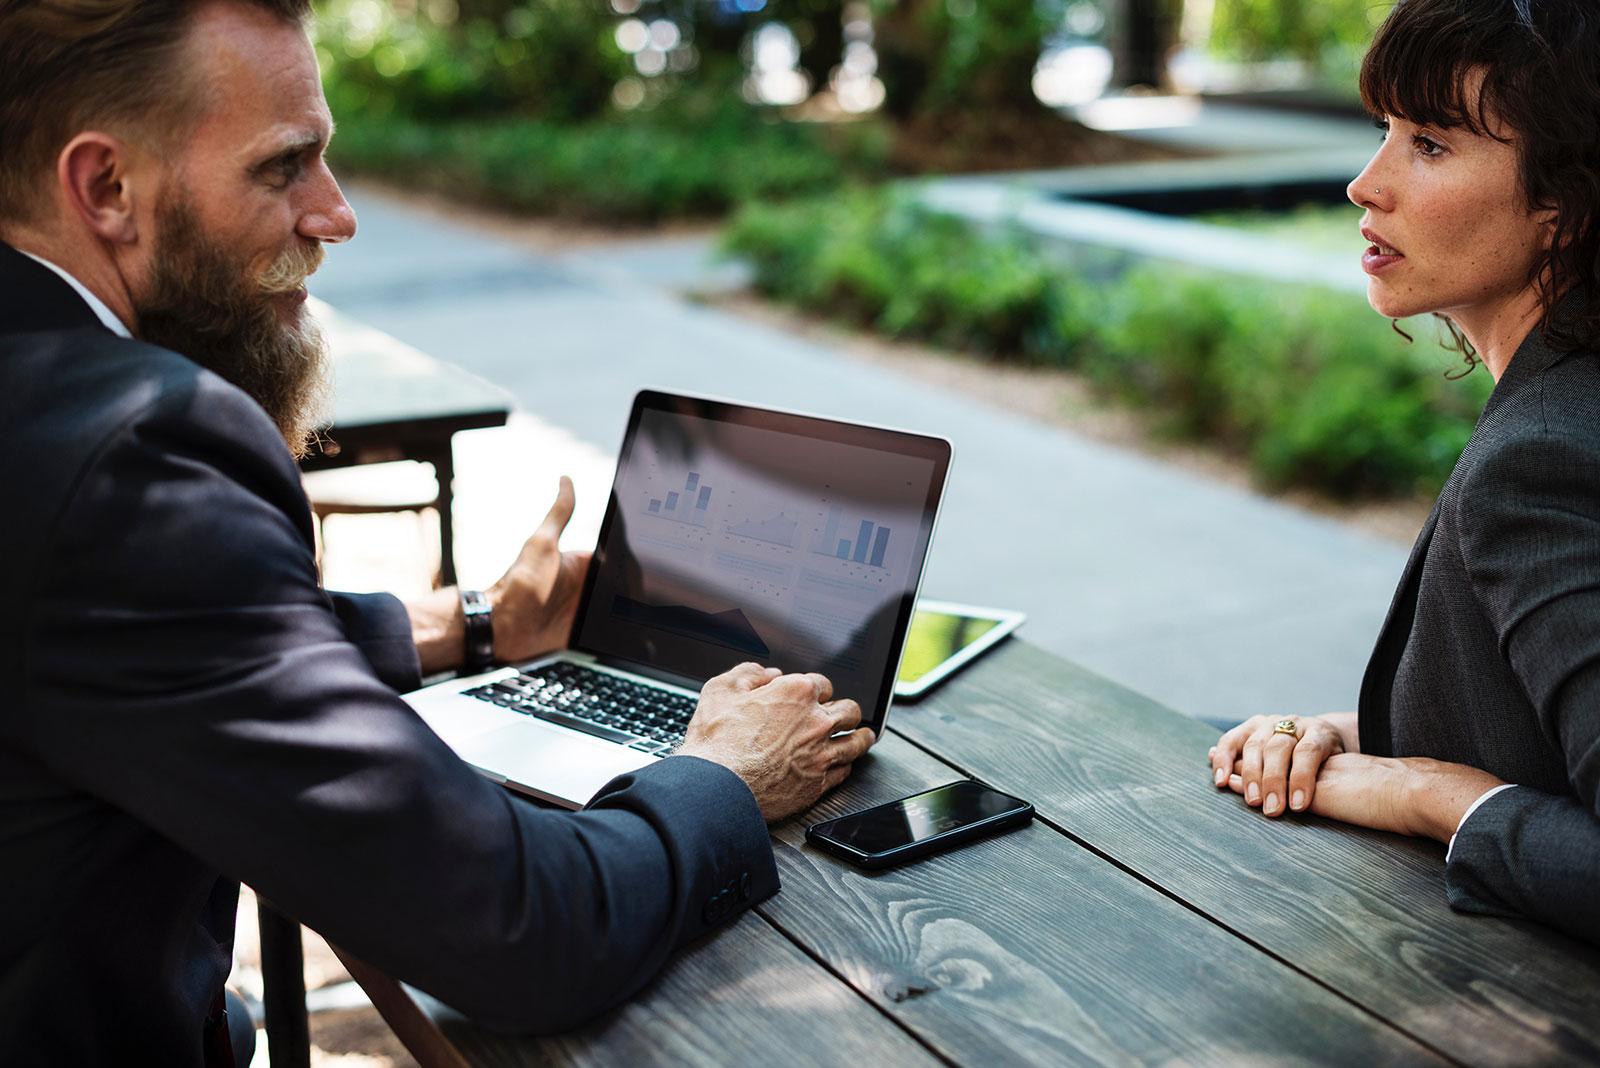 Des formations en marketing digital, oui, mais pour qui ?